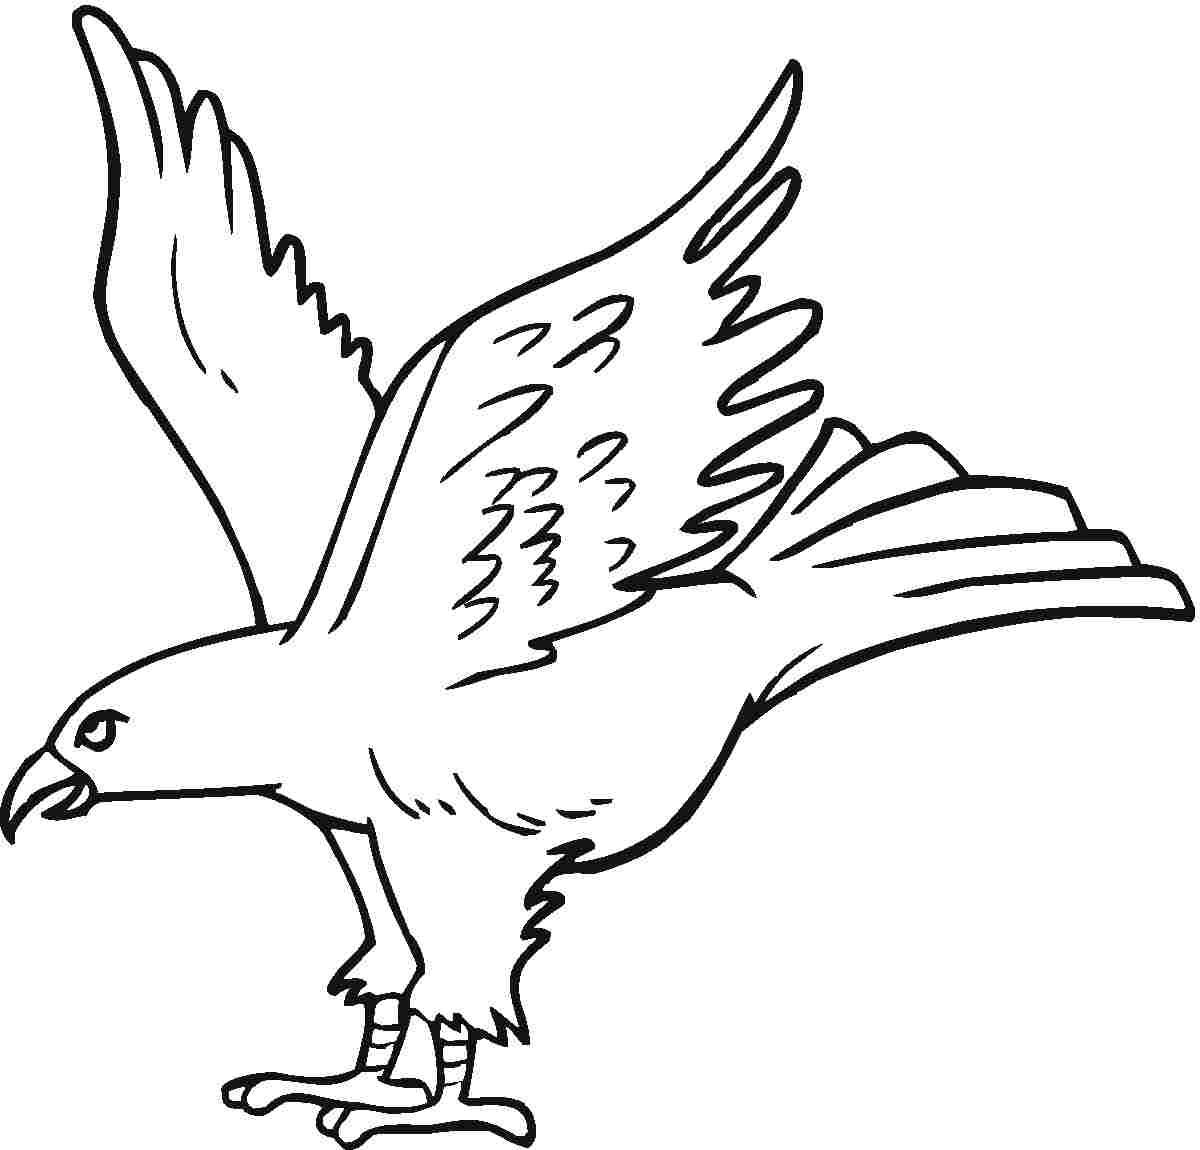 Burung Elang Gambar Burung Elang Putih Gambar Burung Elang Terbang